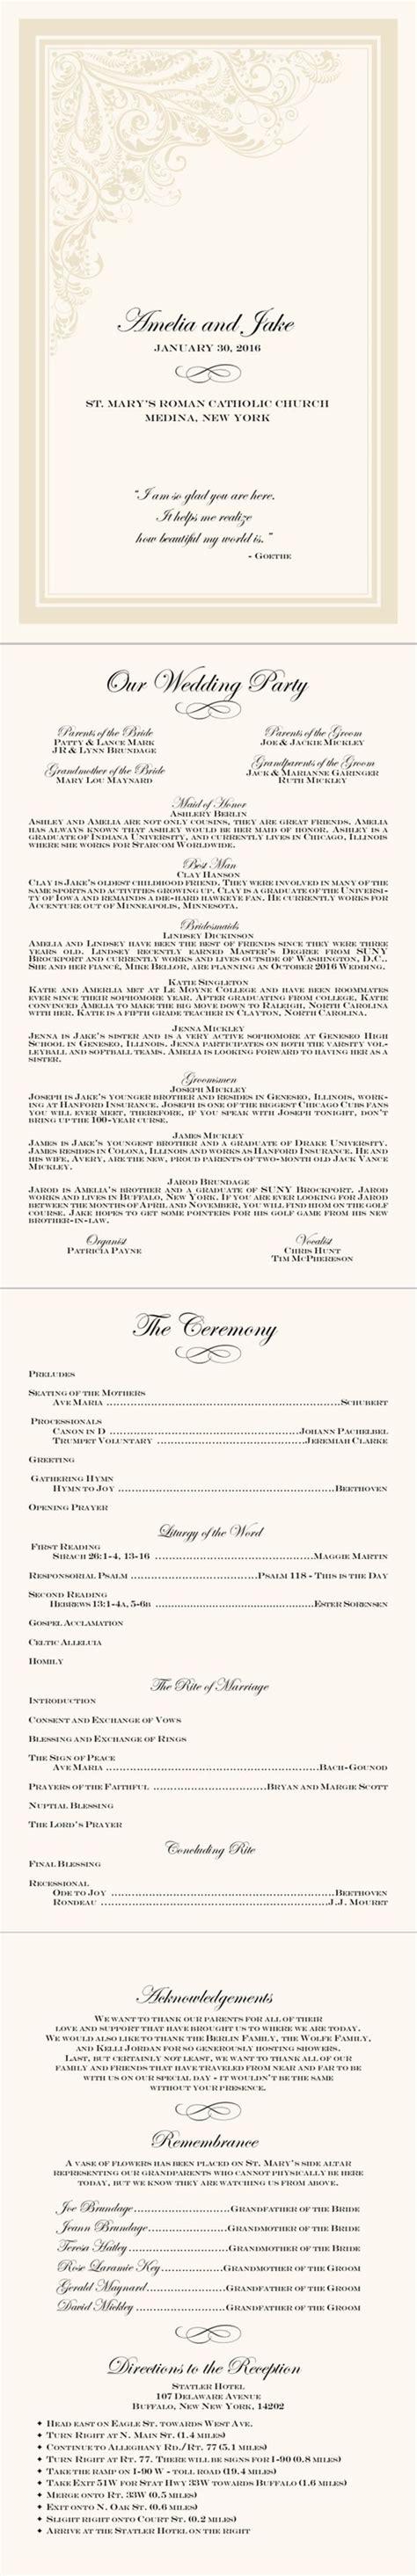 Layout Of Catholic Wedding Mass | catholic wedding ceremony layout an imaginary wedding